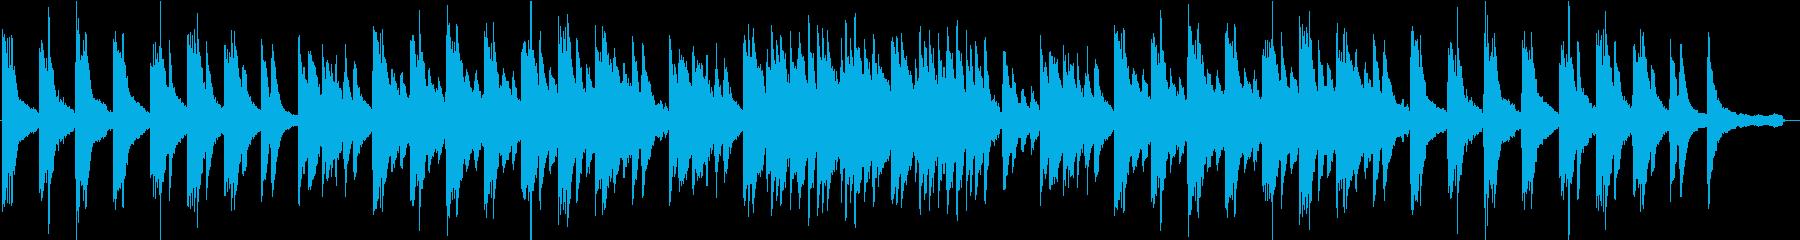 ピアノ・琴・ストリングスの美しい和風曲の再生済みの波形